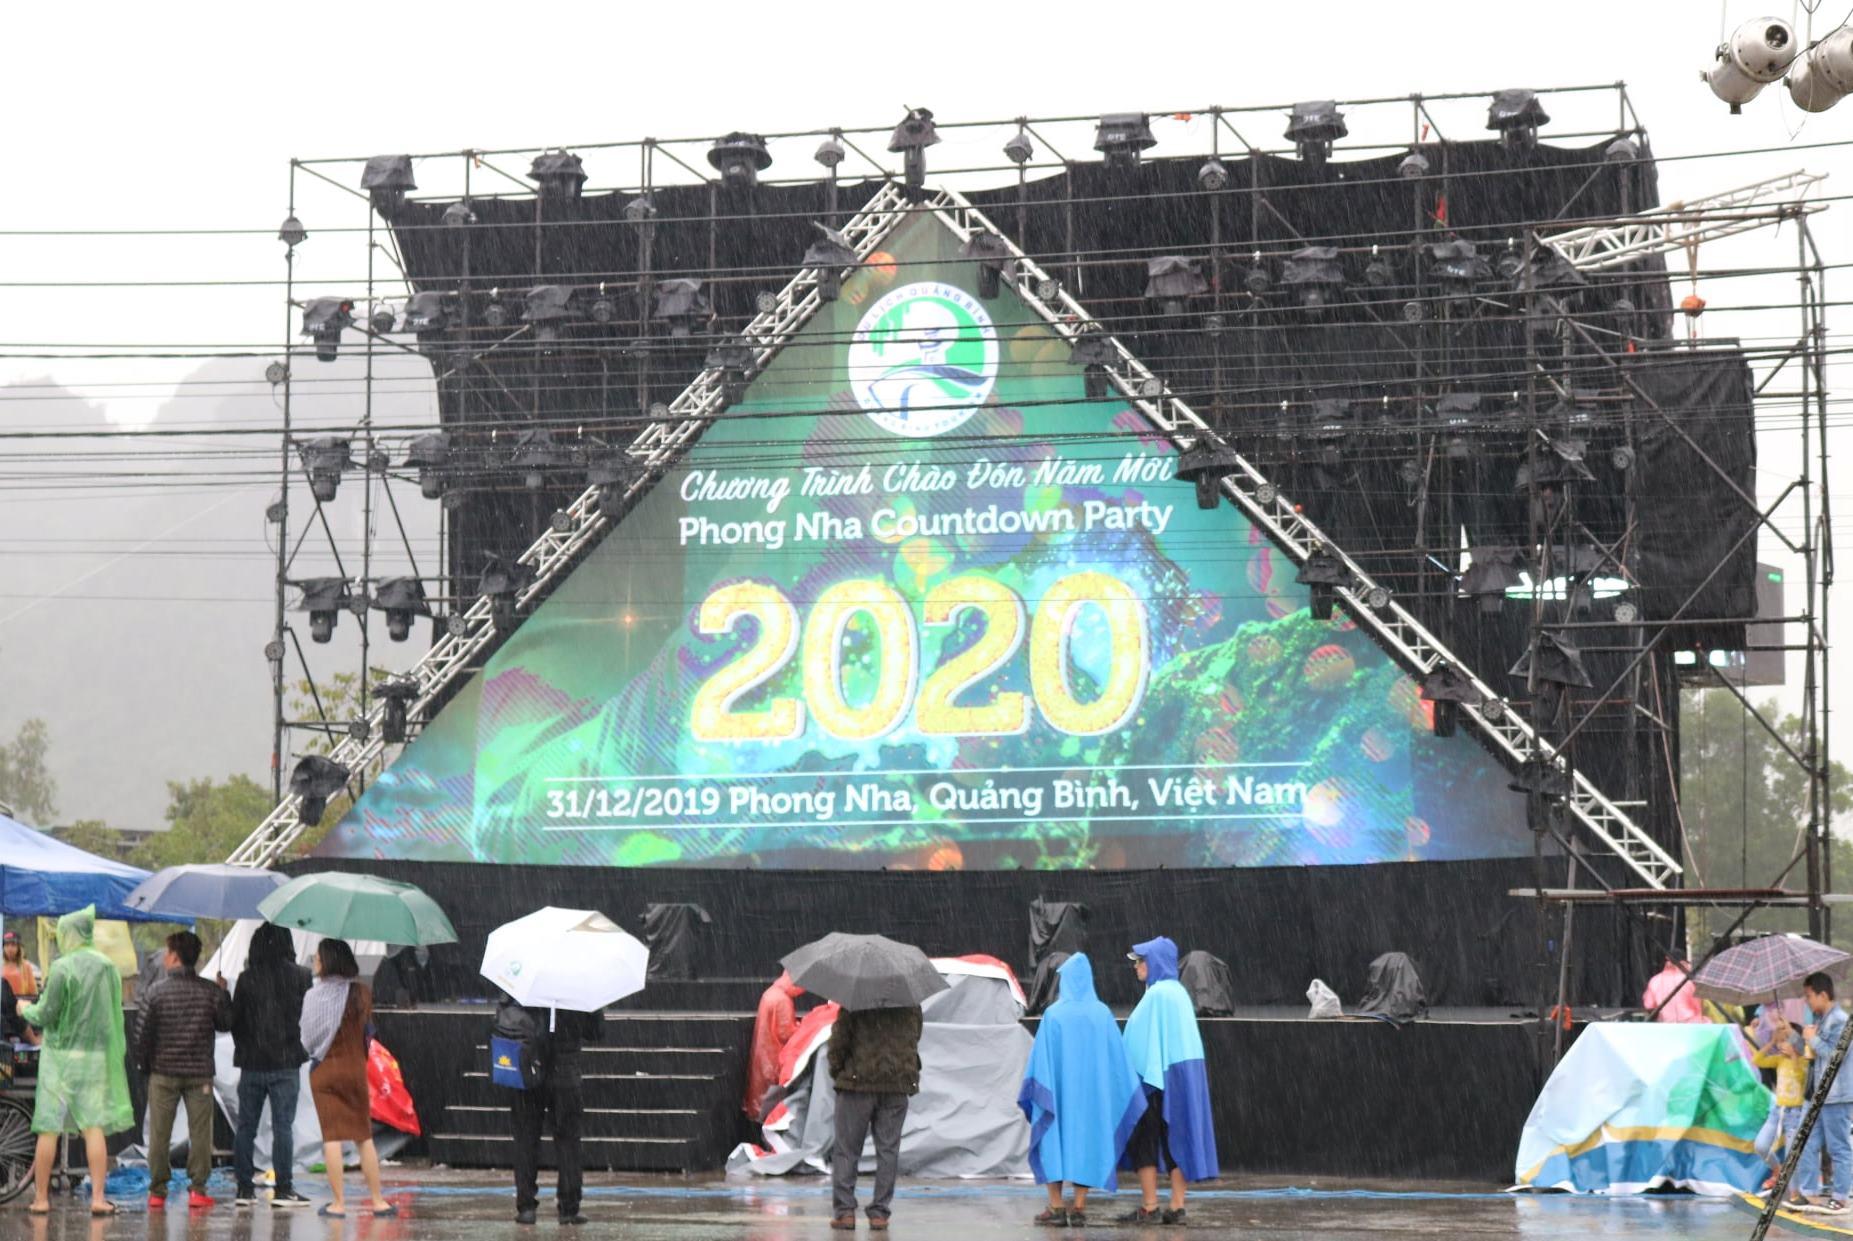 Khách du lịch hào hứng với Chương trình đếm ngược chào đón năm mới 2020